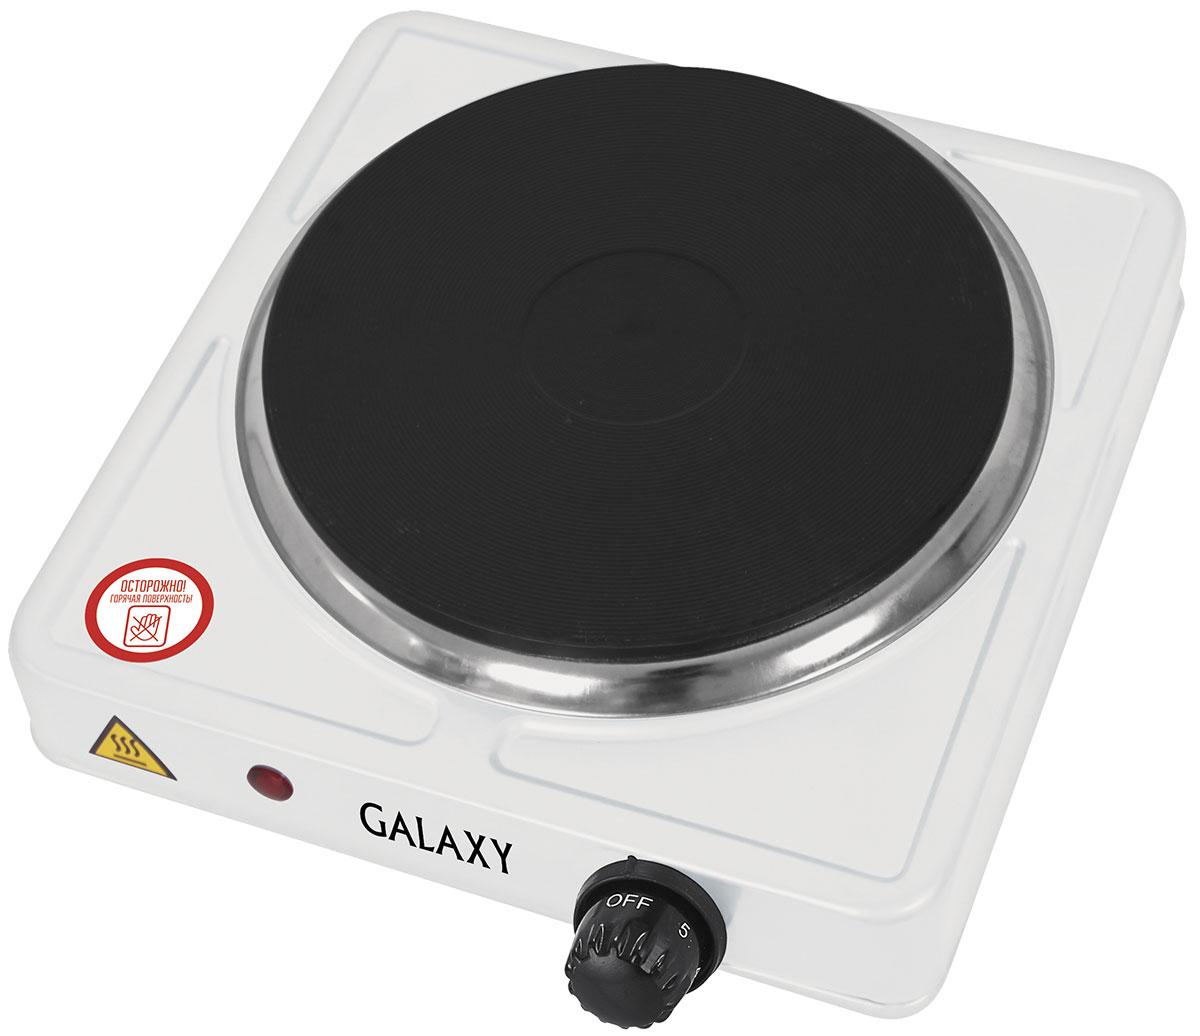 Galaxy GL 3001 плитка электрическая4630003364104Компактная электрическая плитка Galaxy GL 3001 просто незаменима, когда нет возможности установить полноценную стационарную плиту, например, в общежитии, на даче или любом другом помещении. Данная модель лёгкая и компактная, для нее всегда найдётся место. Она быстро нагревается и стабильно поддерживает заданную температуру, экономно расходует электроэнергию. Нагревательный элемент в плитке закрыт конфоркой-диском, в результате чего он не имеет прямого контакта с посудой или случайно попавшей пищей. Это значительно продлевает срок службы плитки. Помимо этого, диск легче очищается от загрязнений, в отличие от спирали, имеющей сложную форму. Диаметр нагревательного элемента: 185 мм Длина шнура питания: 0,8 м Металлический корпус, покрытый молотковой эмалью Плавная регулировка температуры нагрева.